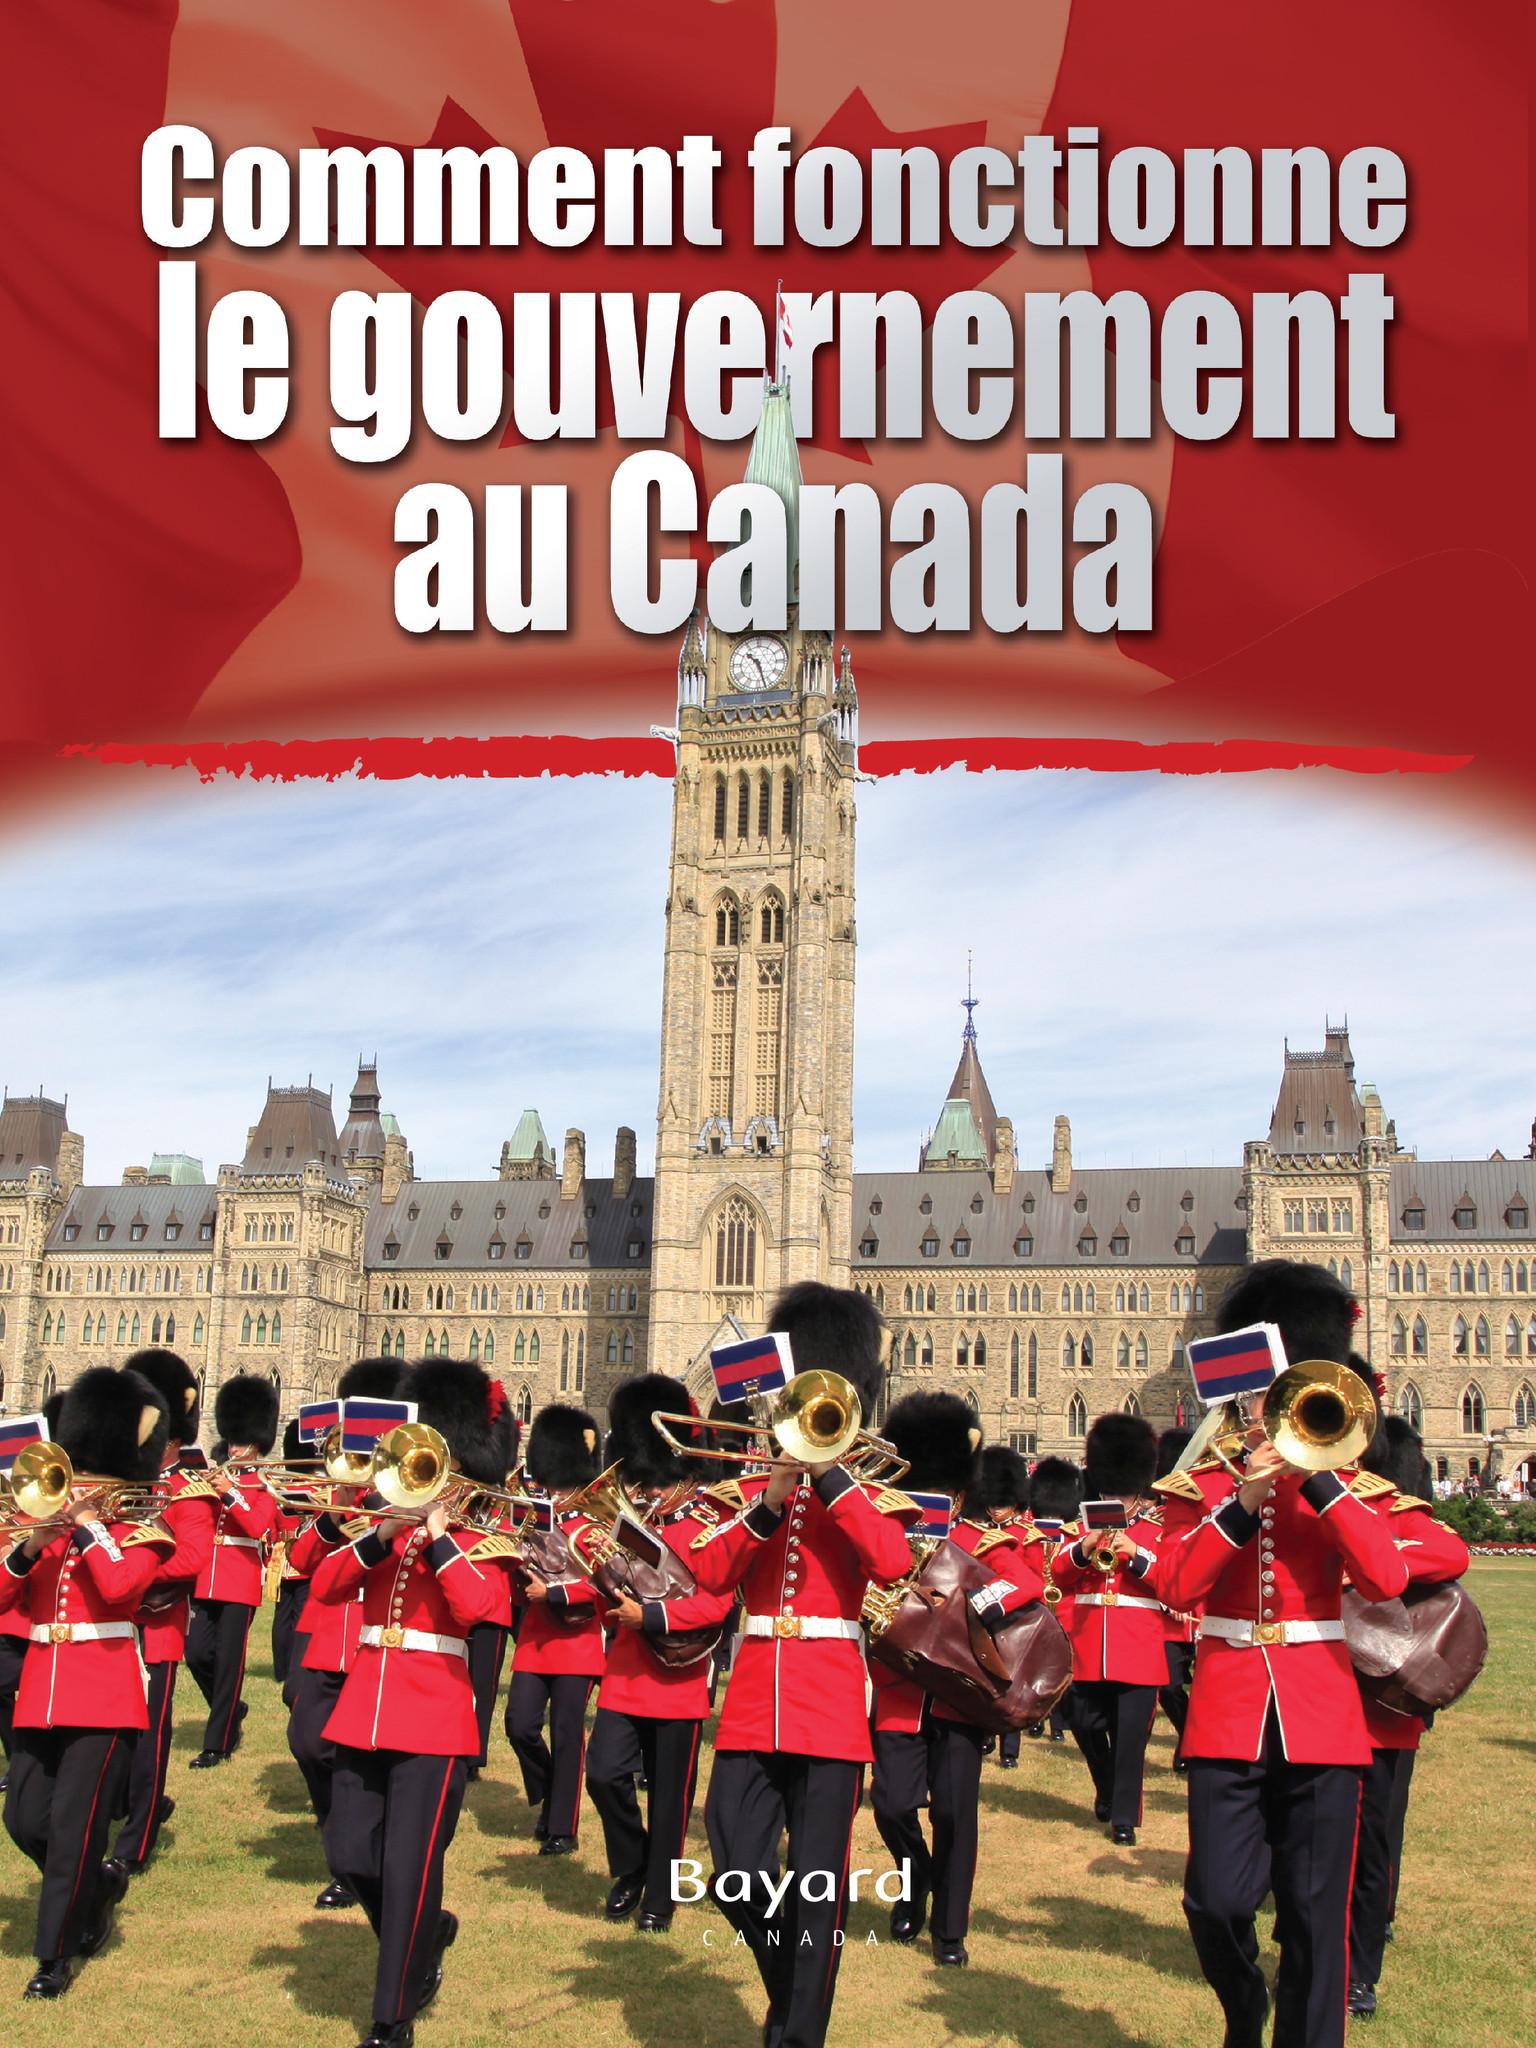 Comment fonctionne le gouvernement au Canada?